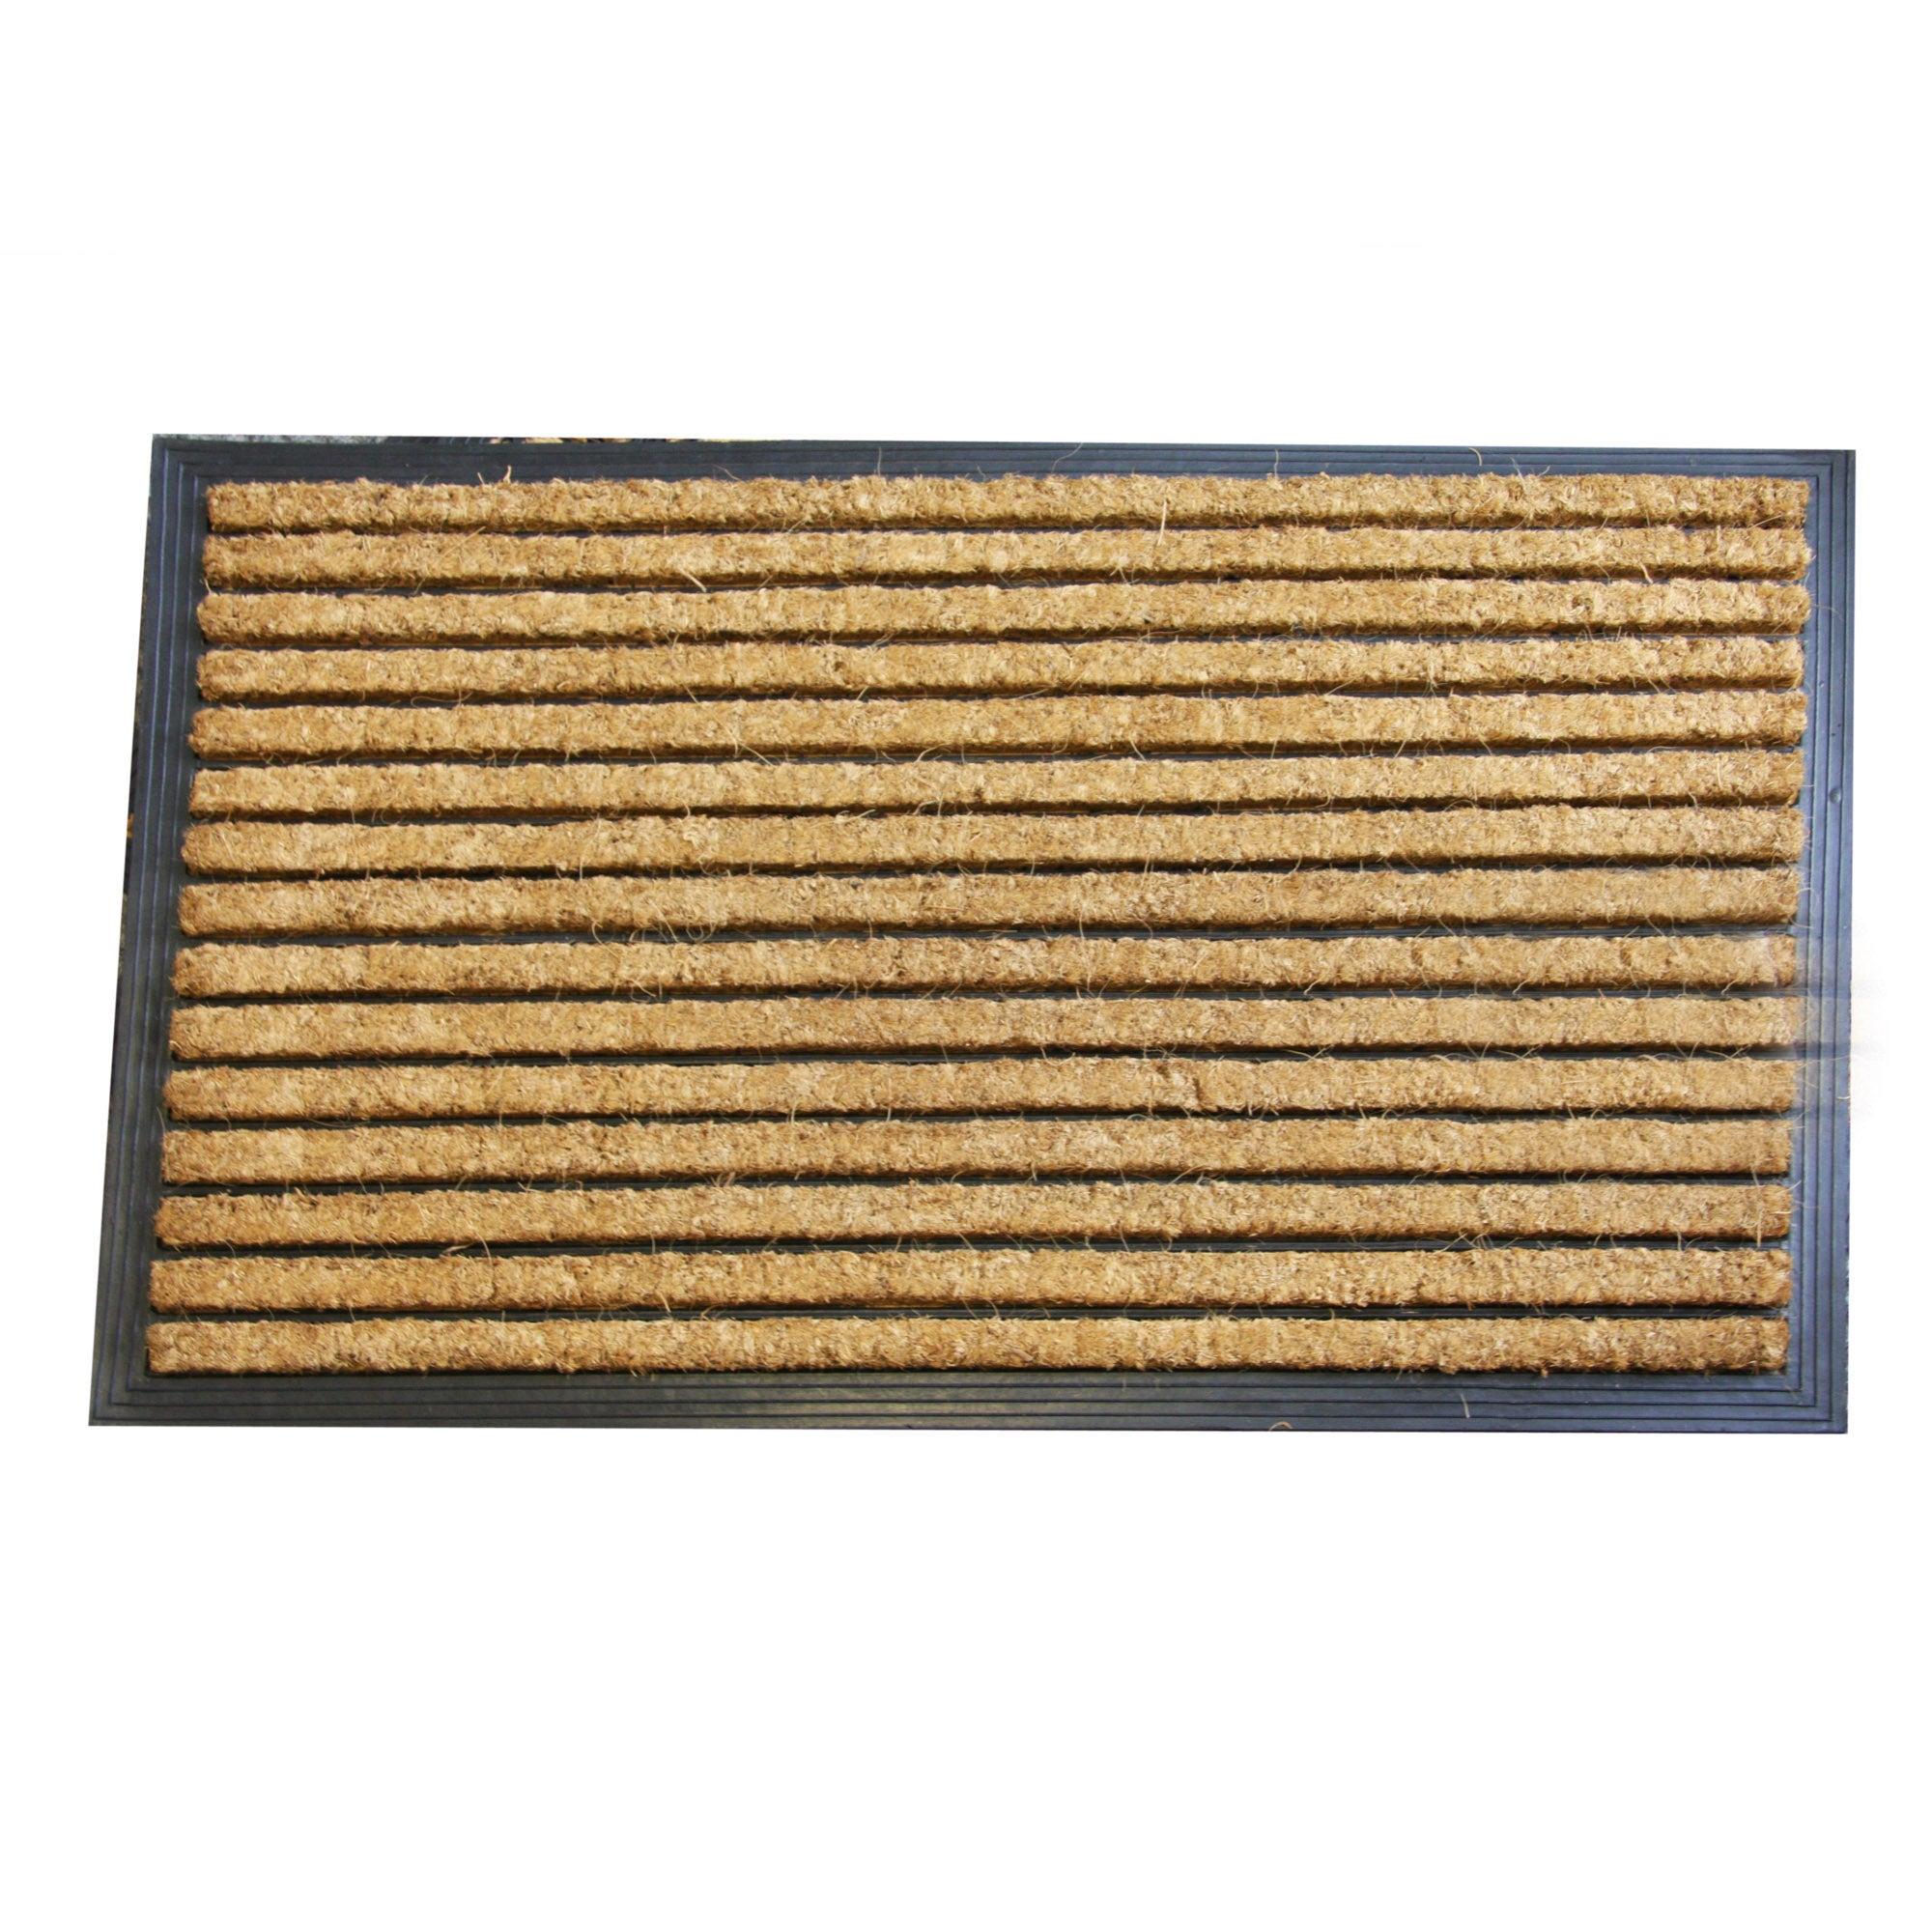 Jumbo Stripe Rubber and Coir Doormat Brown